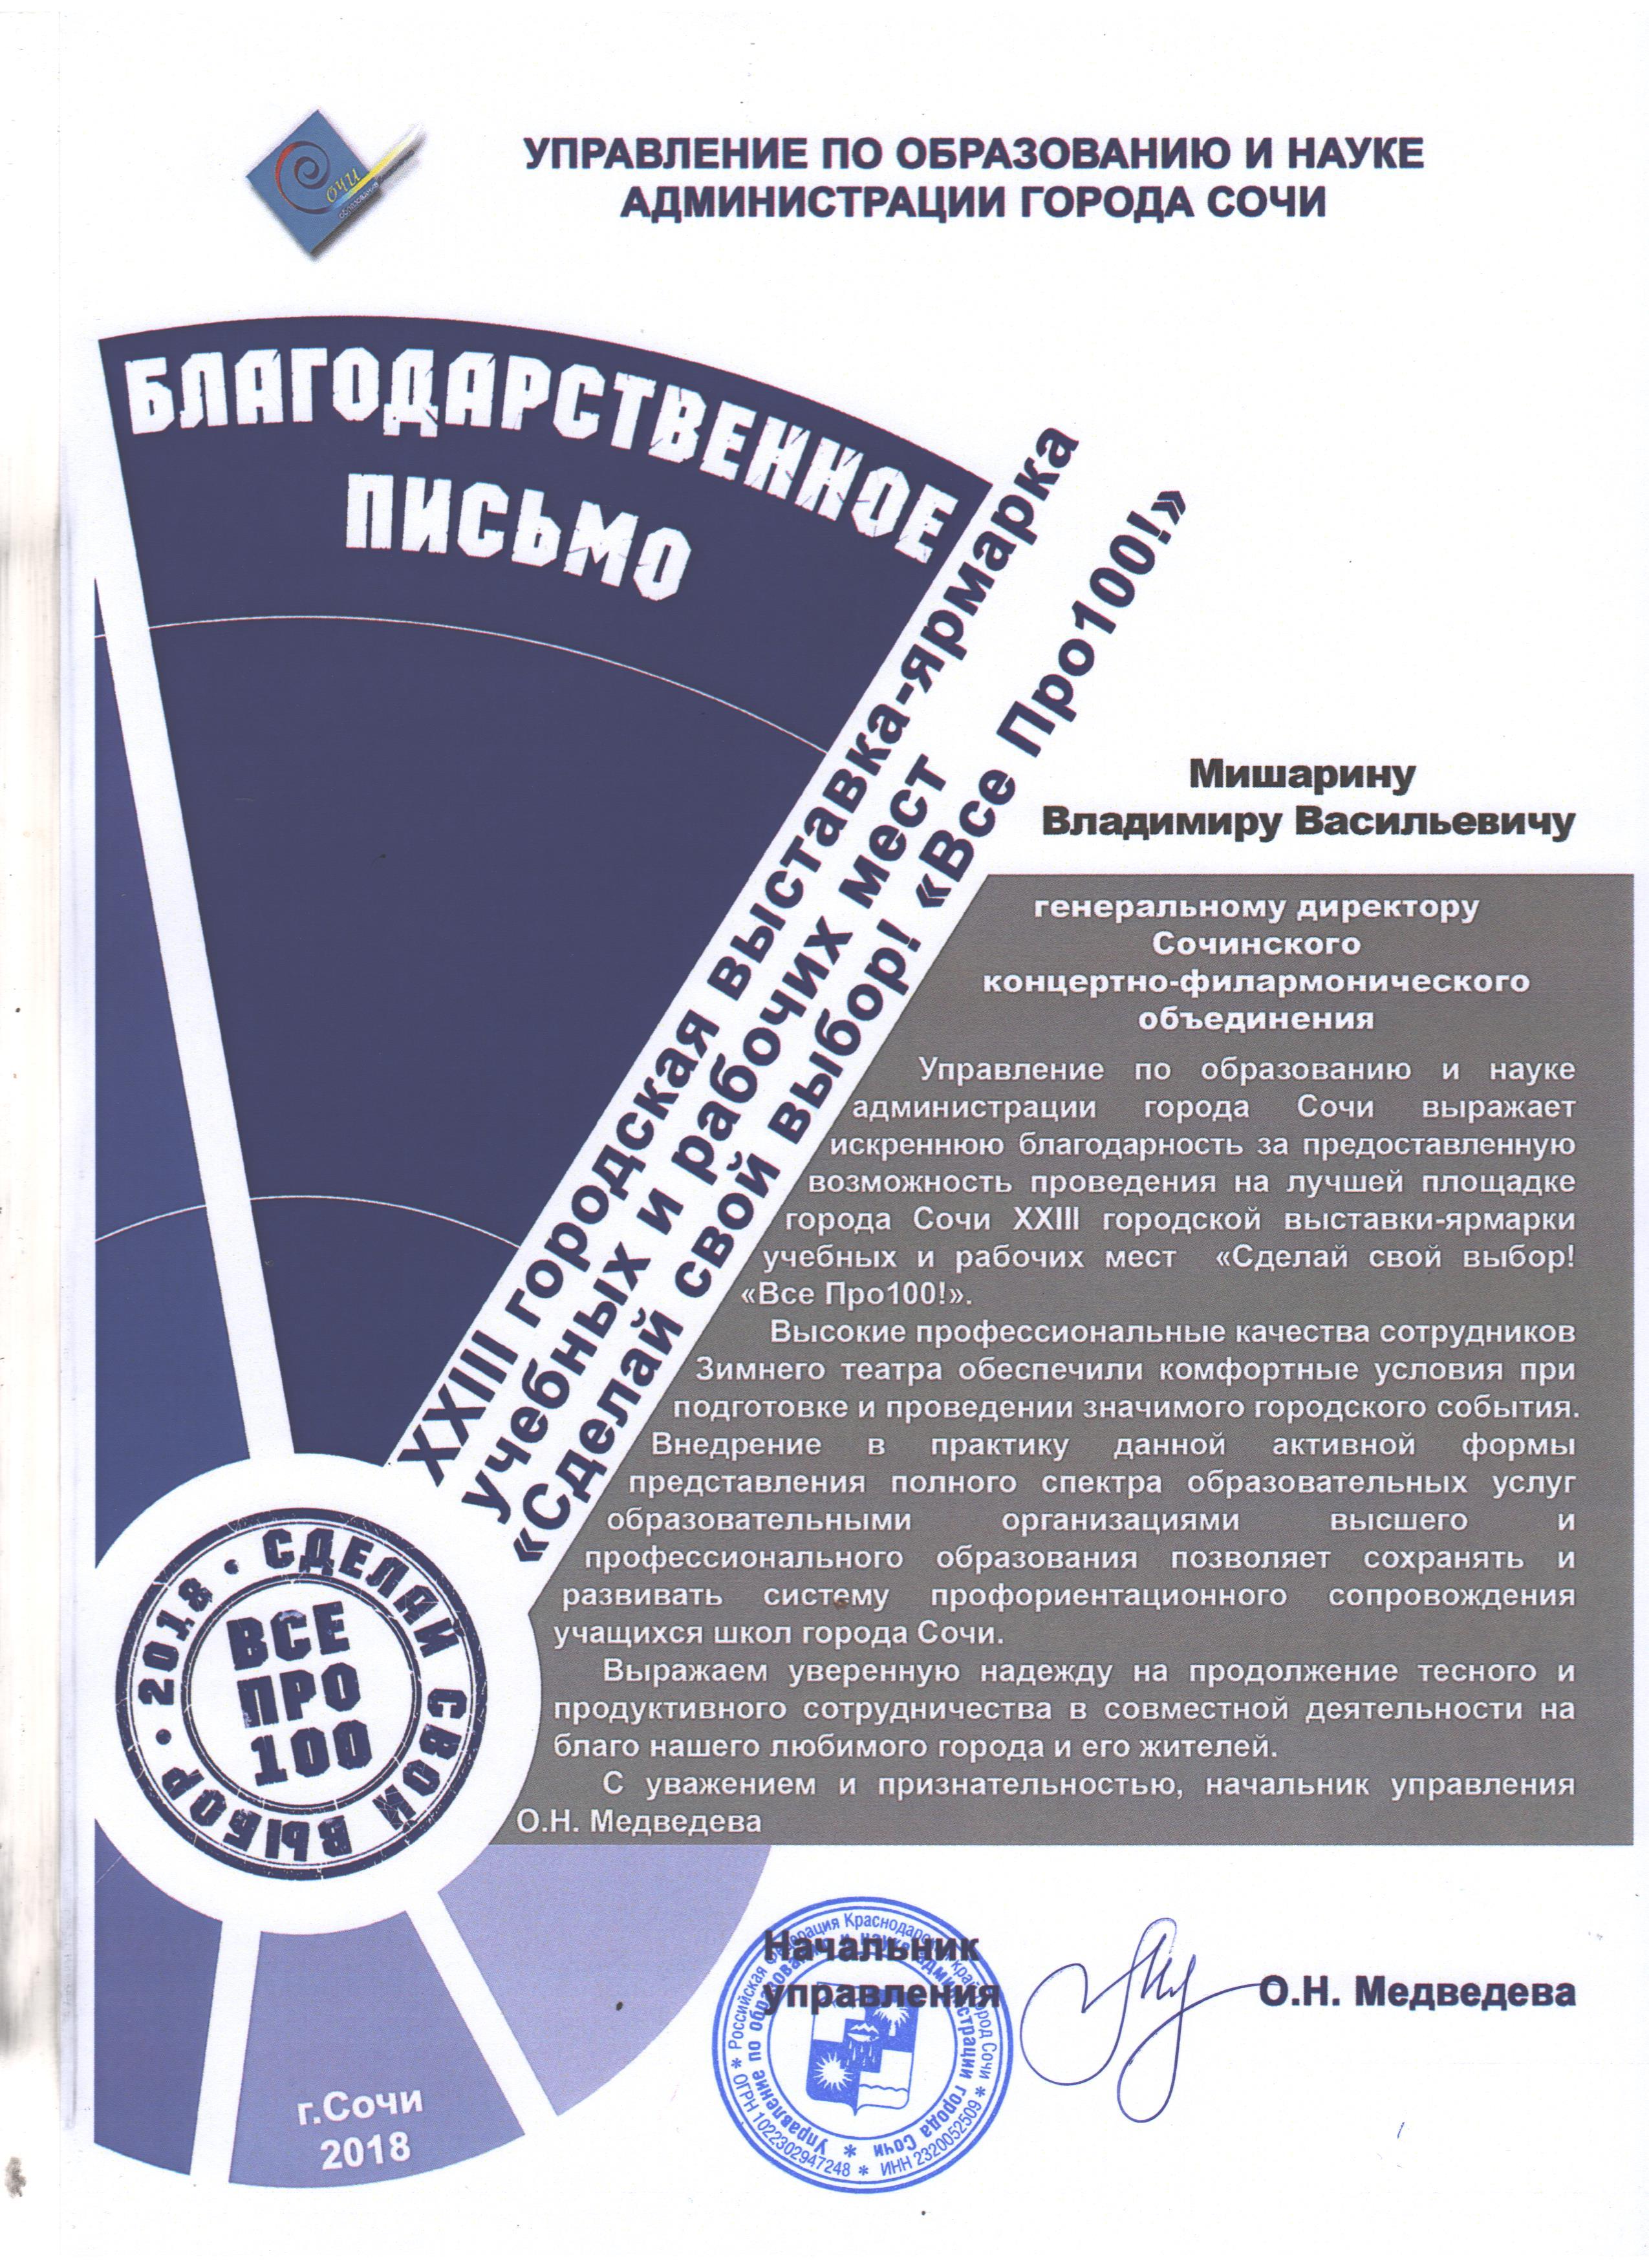 О.Н. Медведева